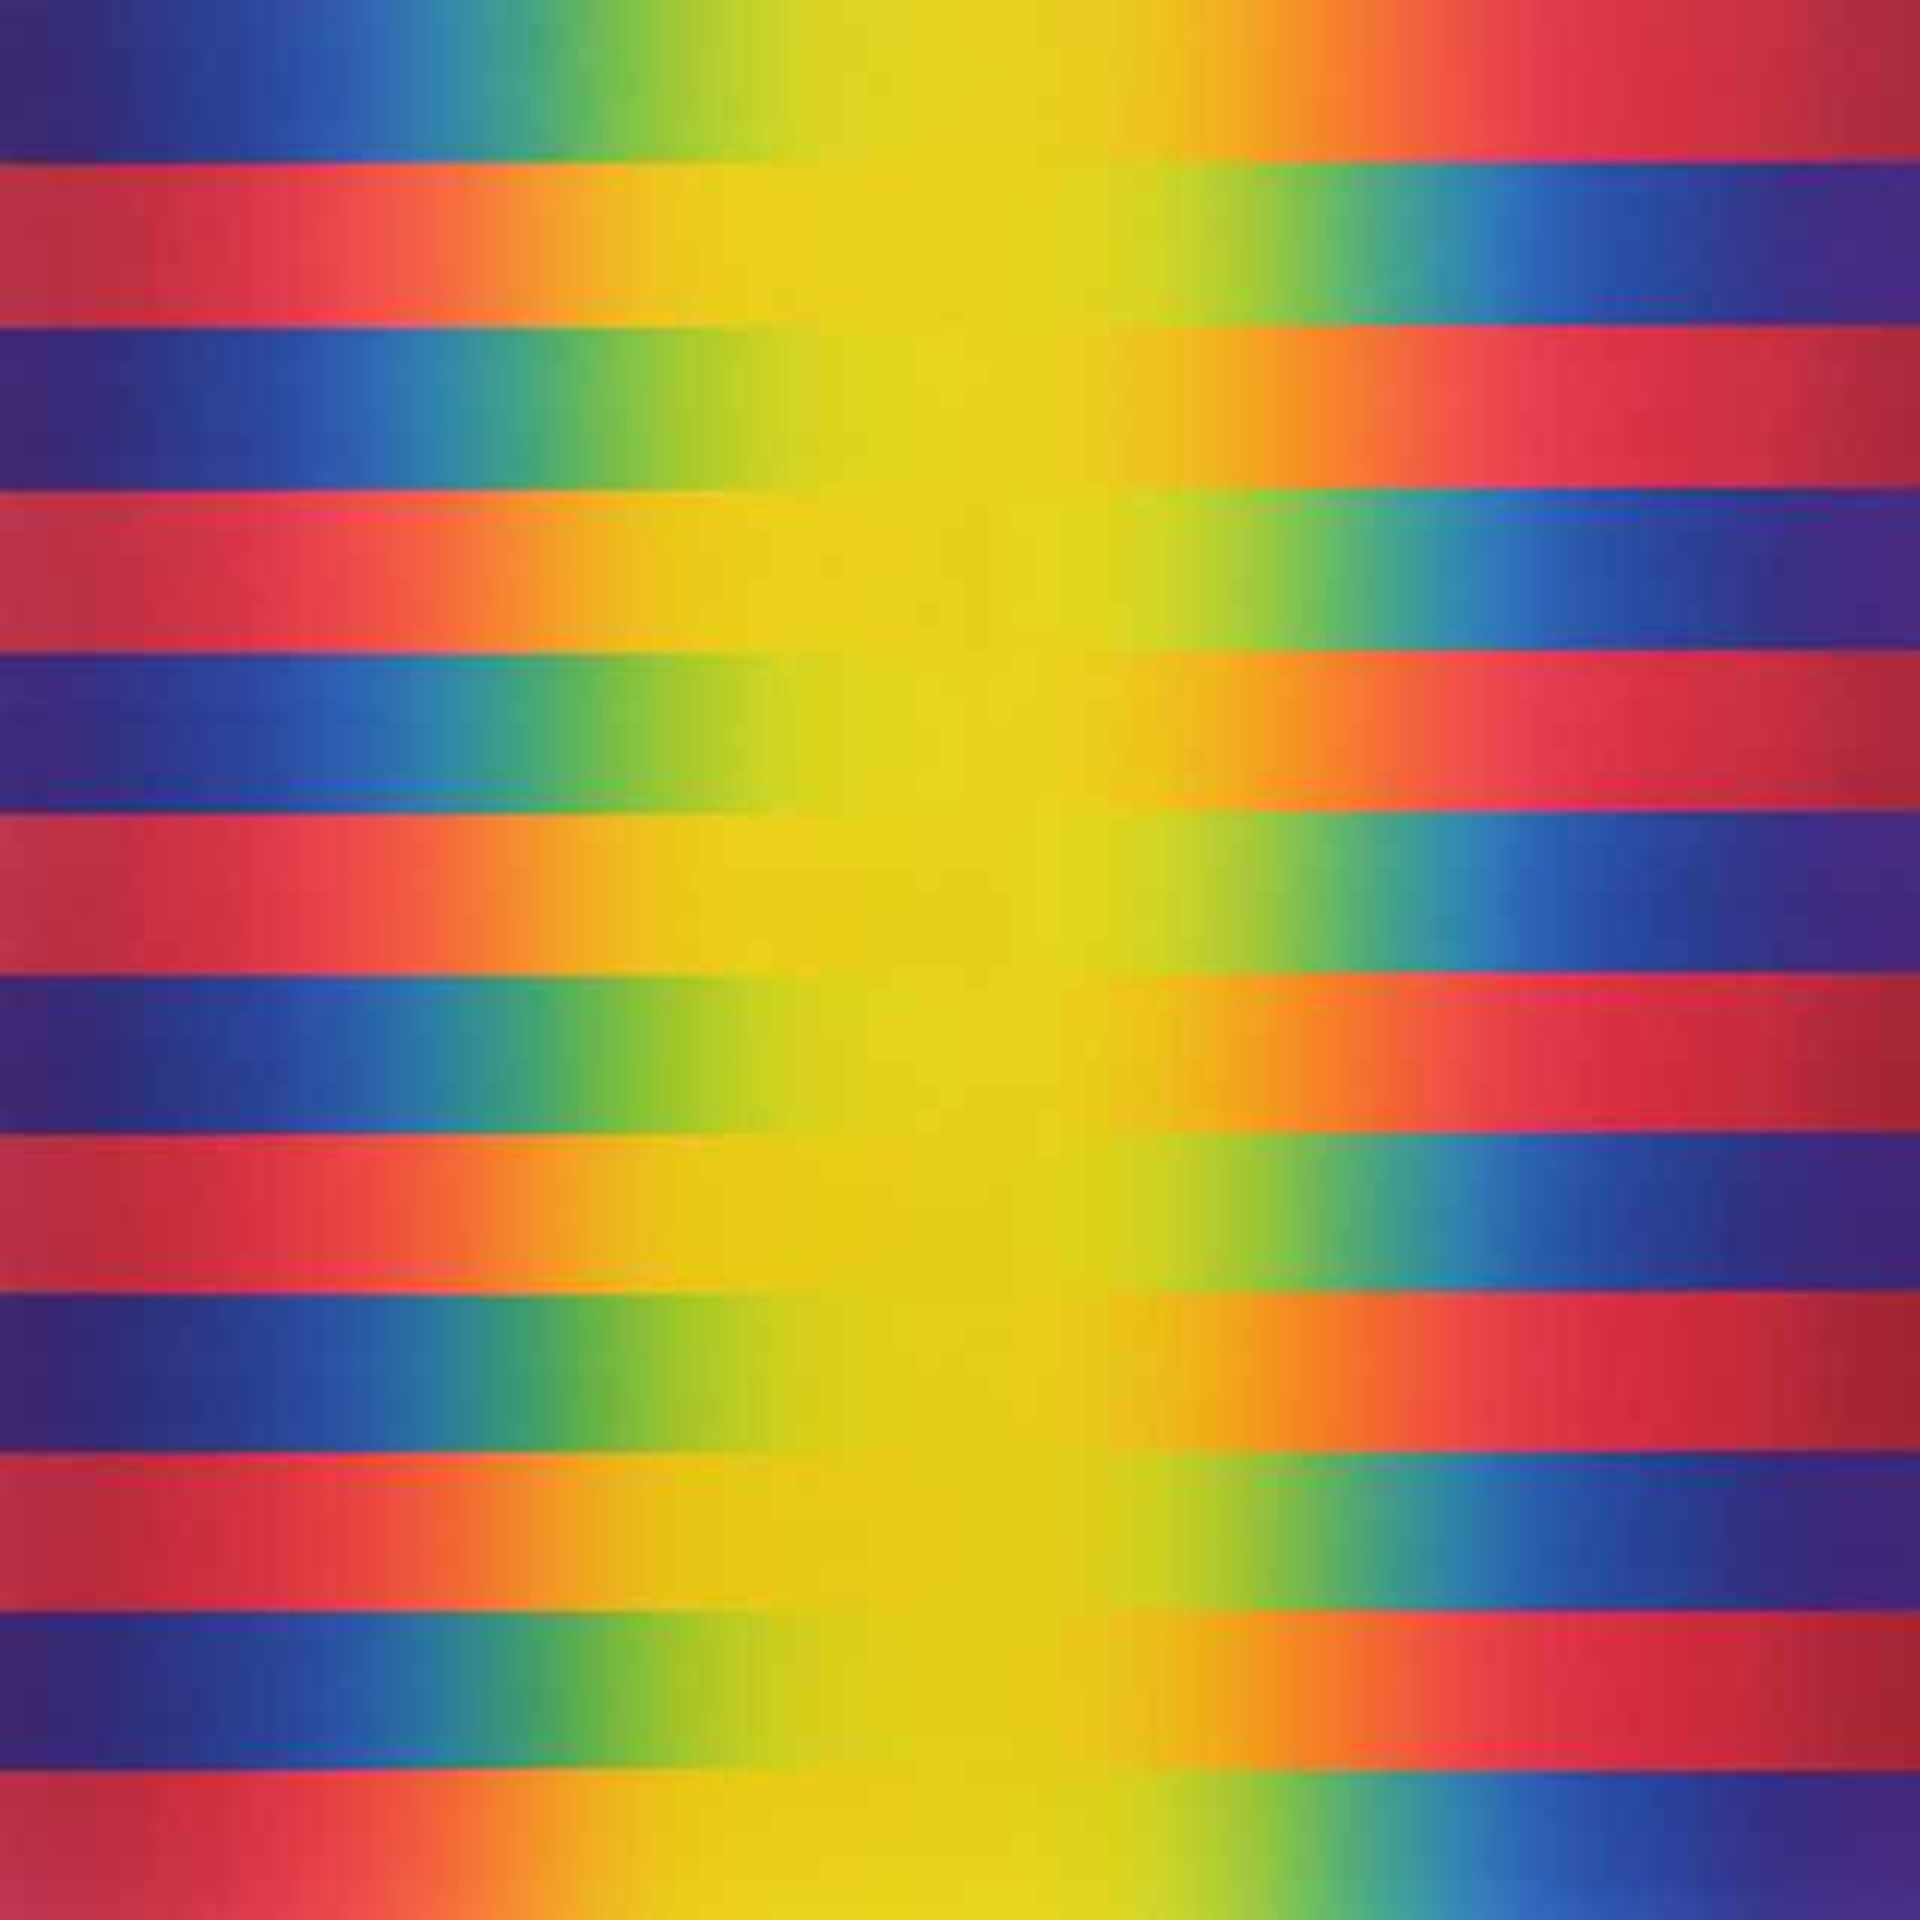 Getulio Alviani geb. 1937 o.T. Farbserigrafie handsigniert und nummeriert XLV/L (45/50) 71 x 100 cm - Bild 2 aus 4